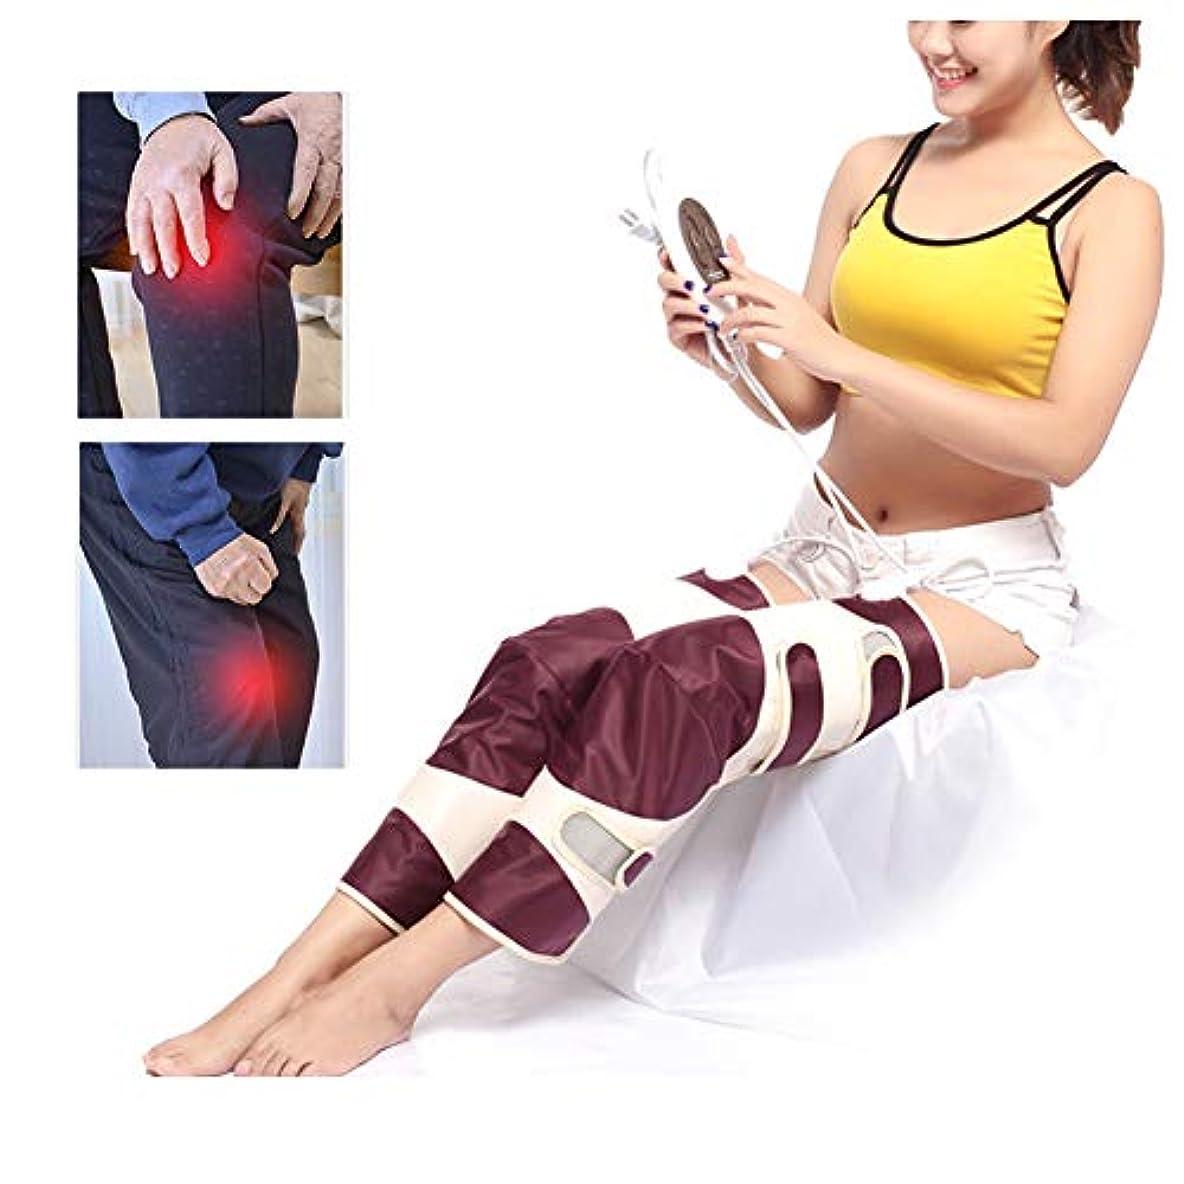 ペースト本能残忍な膝の怪我、痛みを軽減するための電気加熱膝ブレースサポート - 膝温かいラップ加熱パッド - 遠赤外線治療マッサージャー